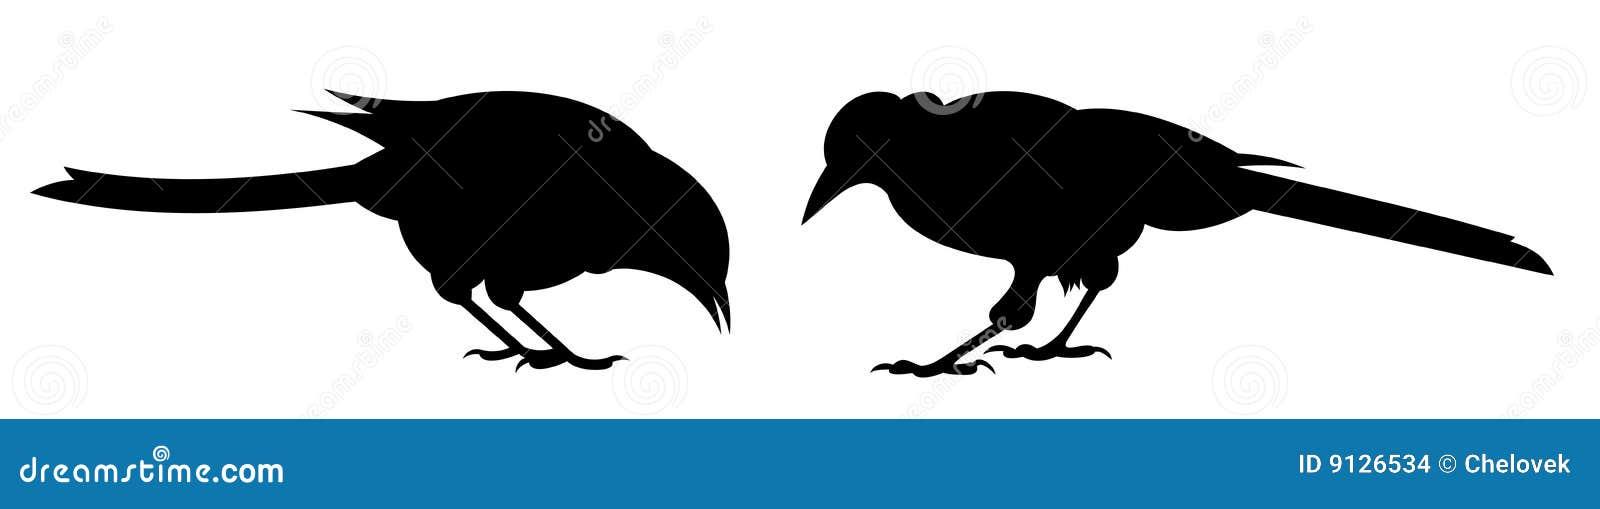 Twee vogels